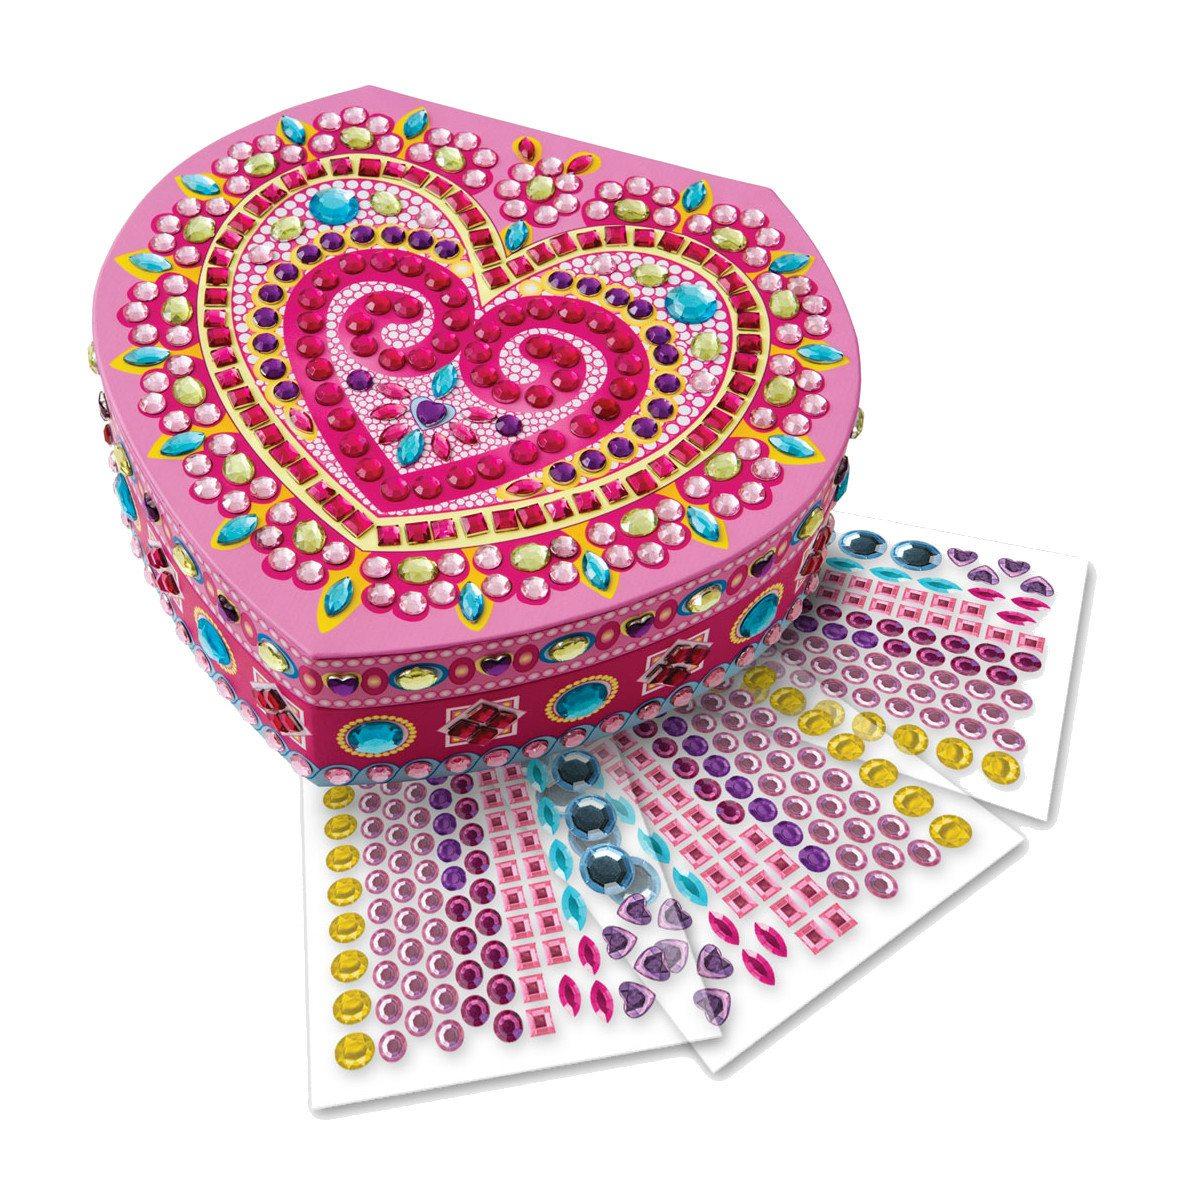 Hjerteformet smykkeskrin med klistermærker